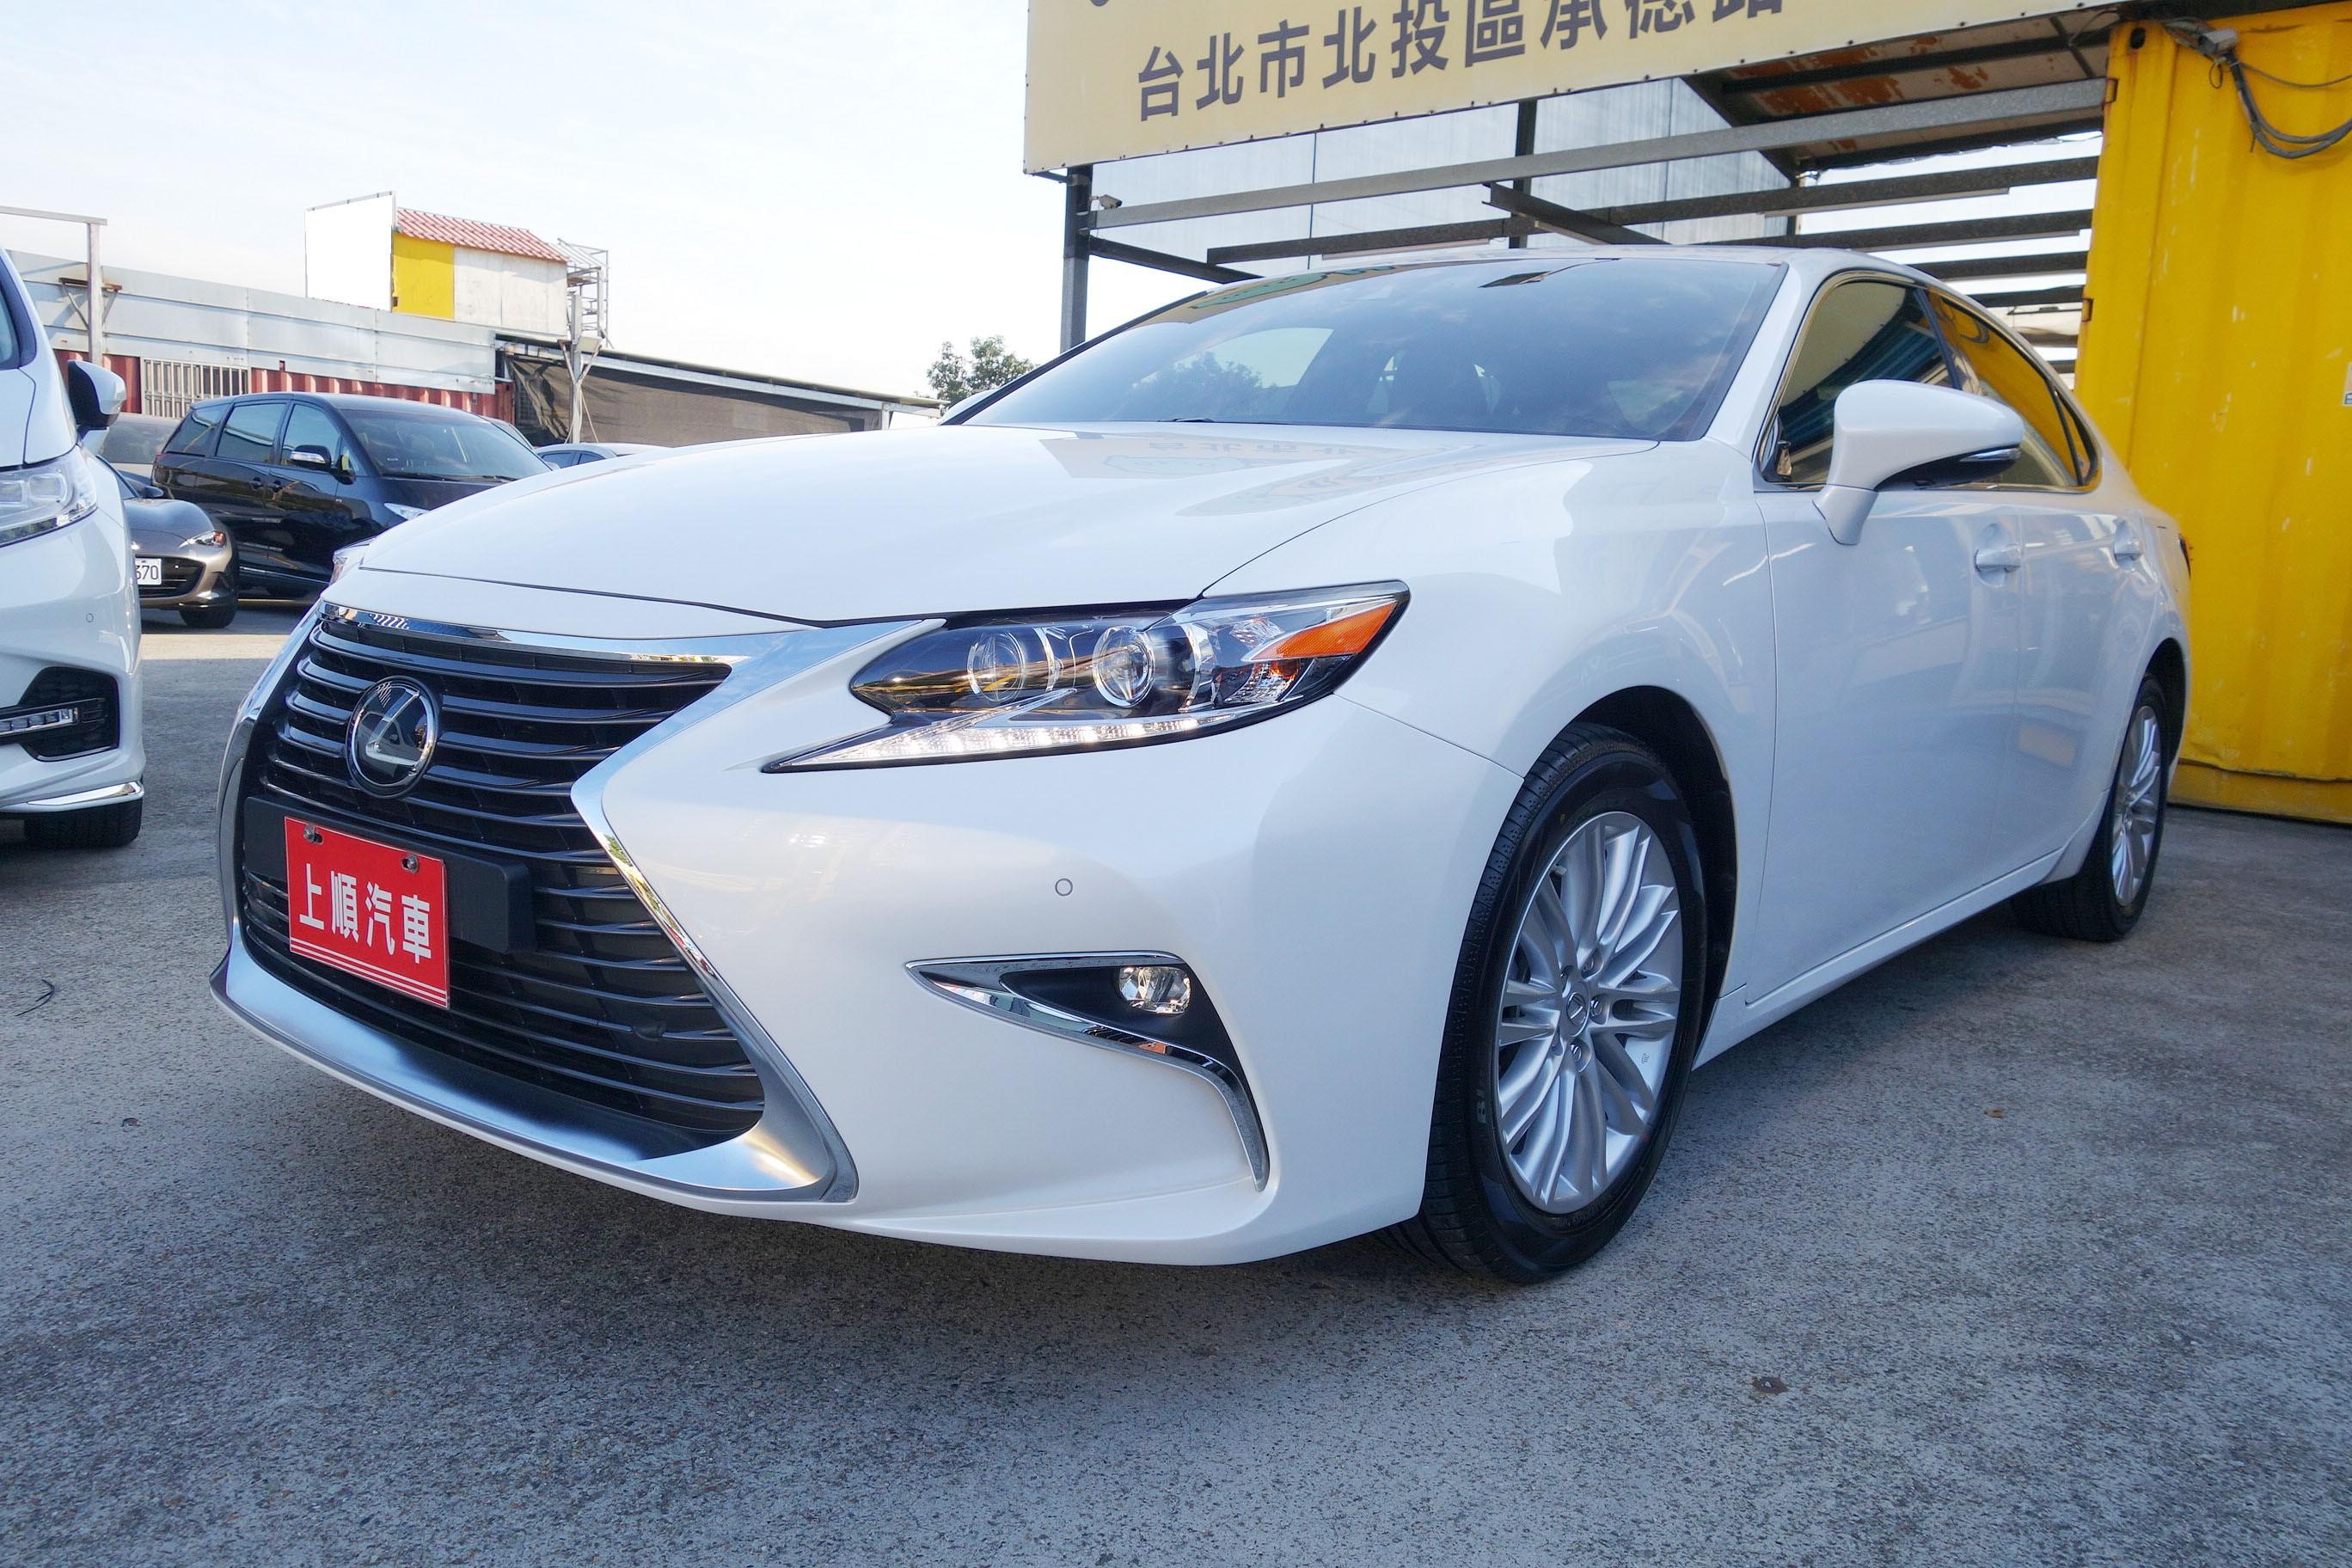 2016 Lexus 凌志 Es